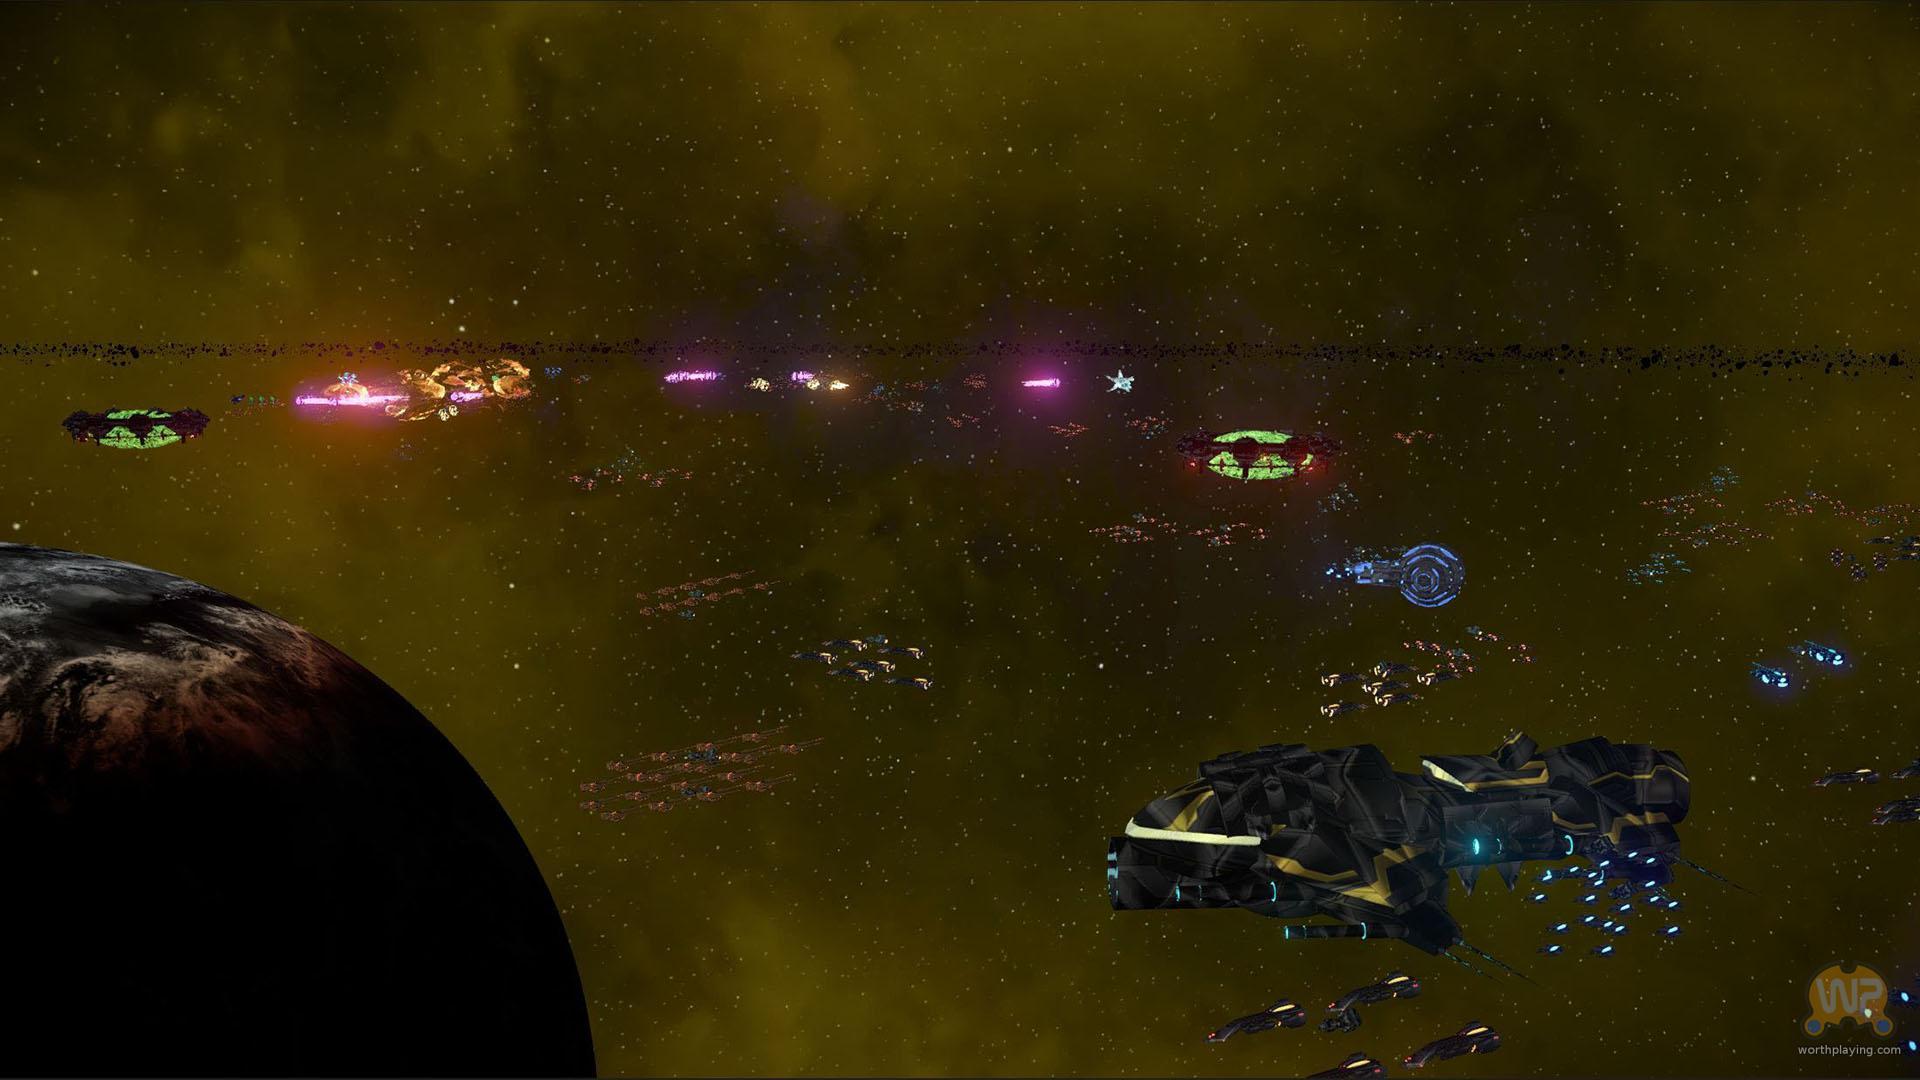 《人工智能戰役2》行將登陸Steam搶先體會 發布新視頻